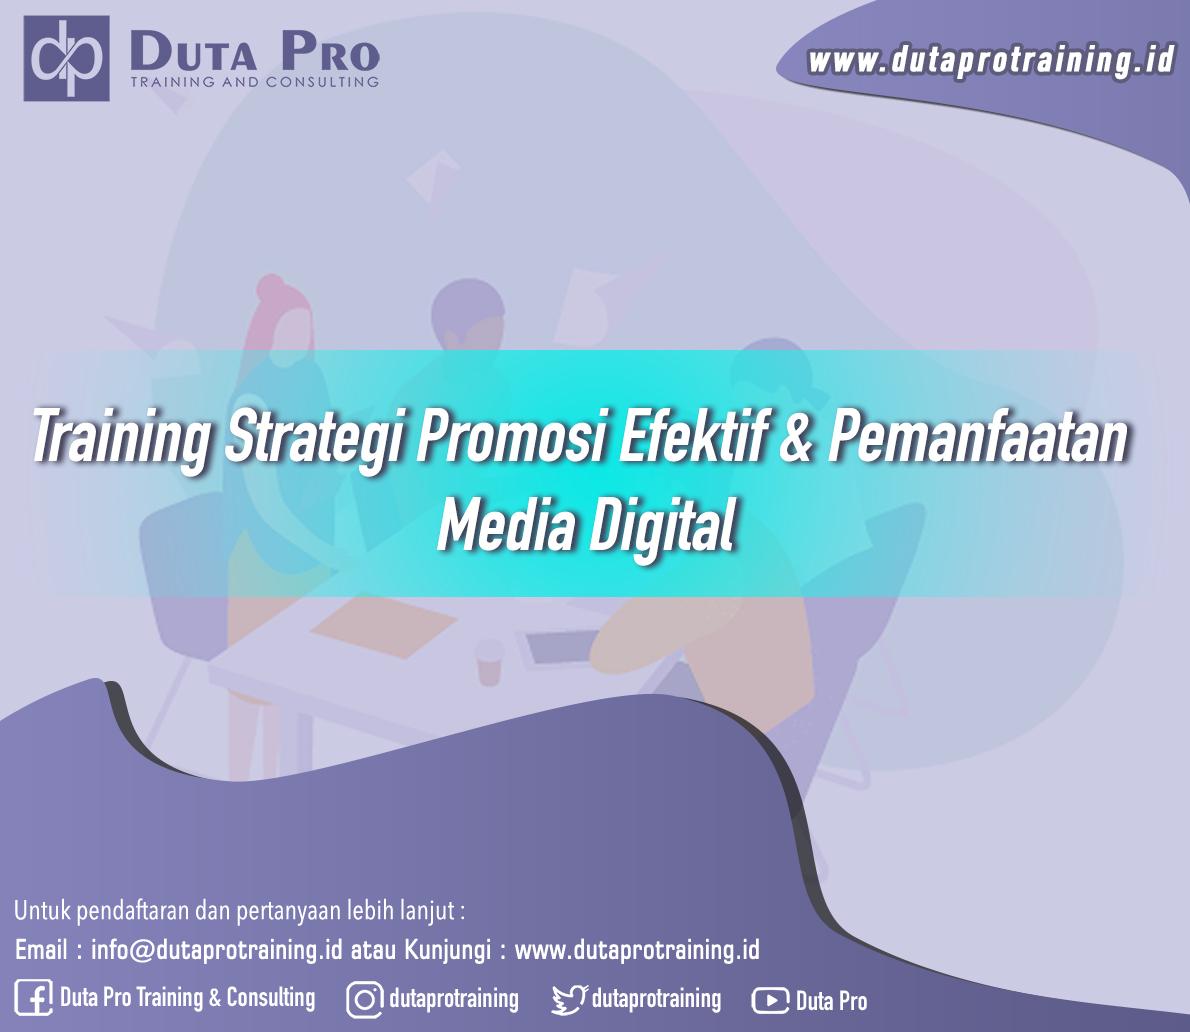 Training Strategi Promosi Efektif & Pemanfaatan Media Digital